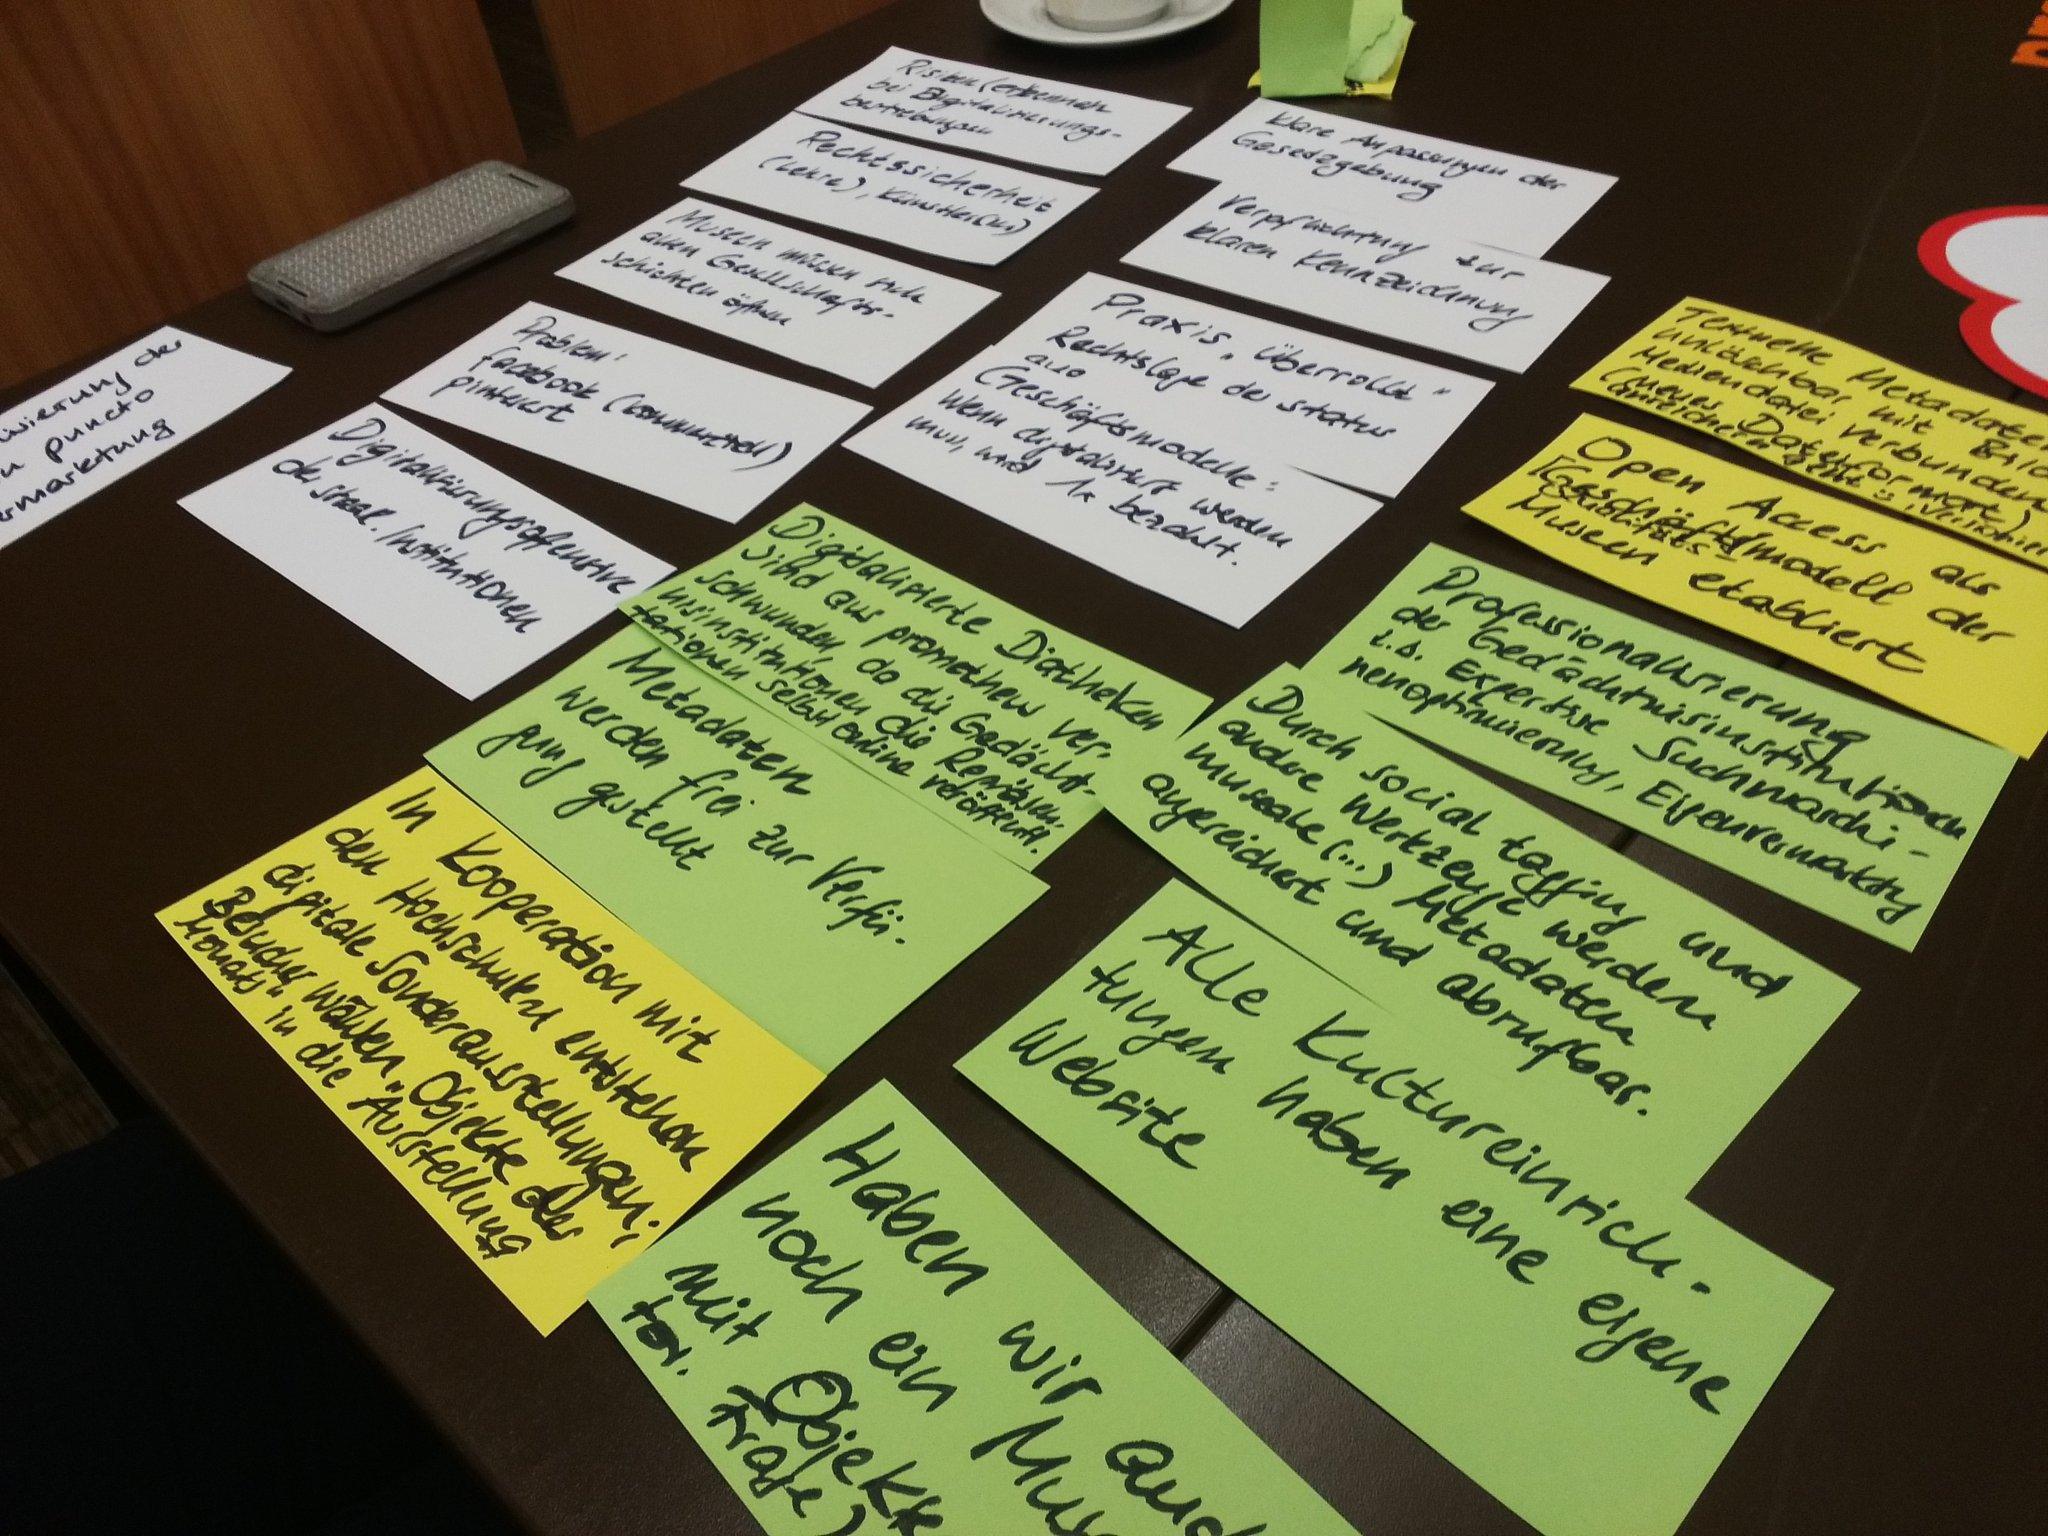 Wo sind wir in 15 Jahren? Viele Ideen (und Herausforderungen) zum Thema #openGLAM bei #promtagung 2016. https://t.co/NPfrSQnDKx